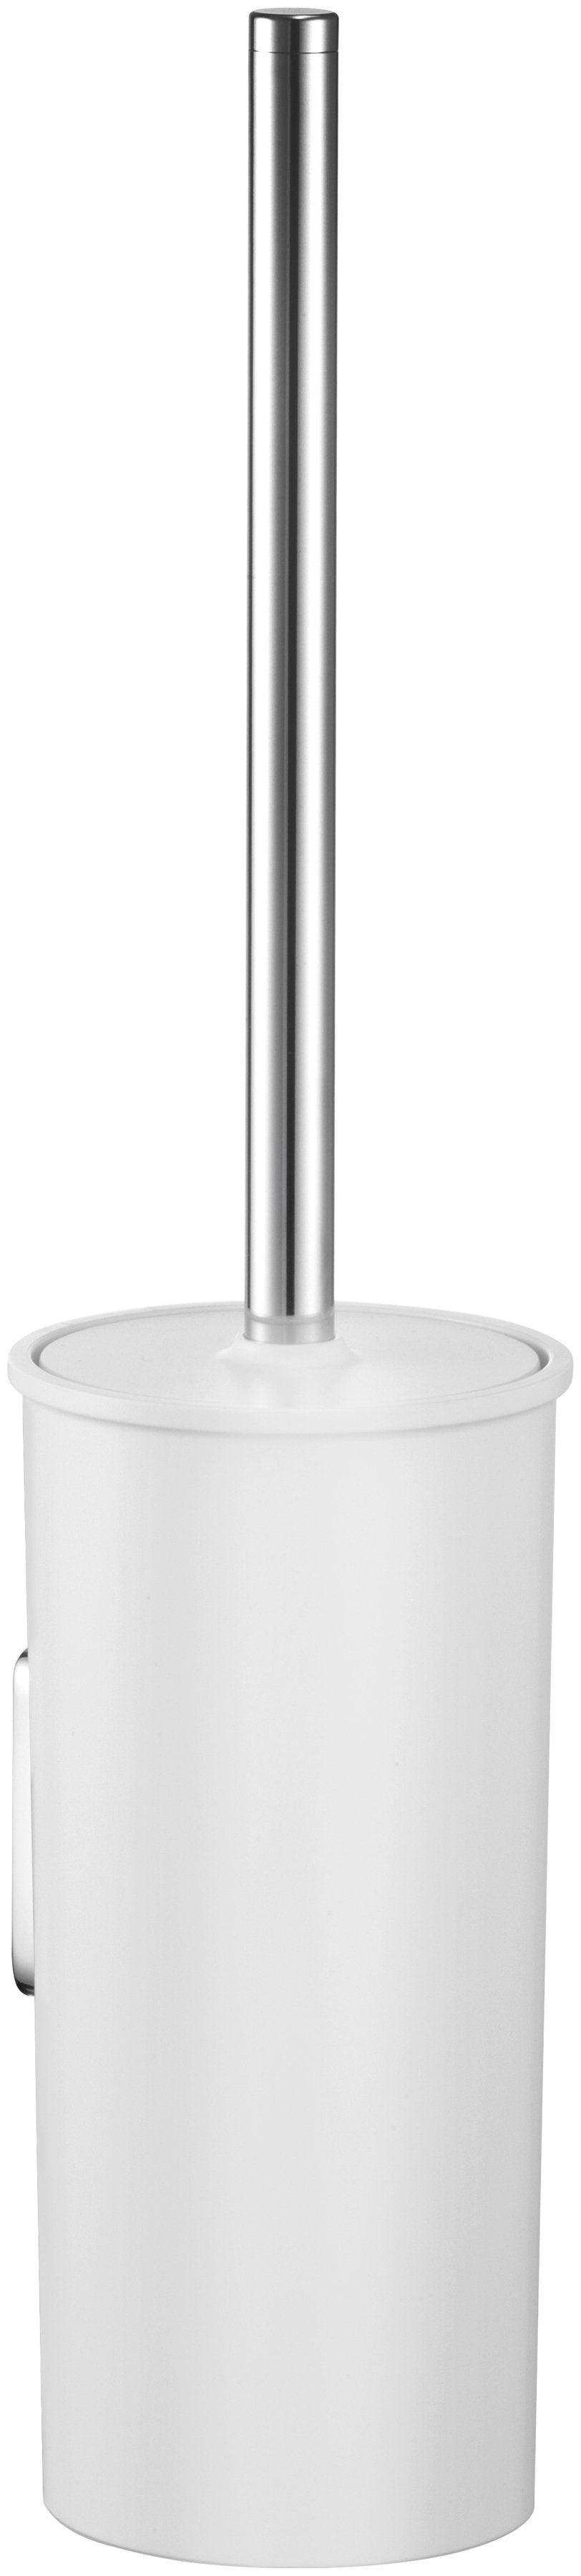 KEUCO WC-Bürstengarnitur »Collection Moll«, mit Opak-Kunststoff-Einsatz mattiert